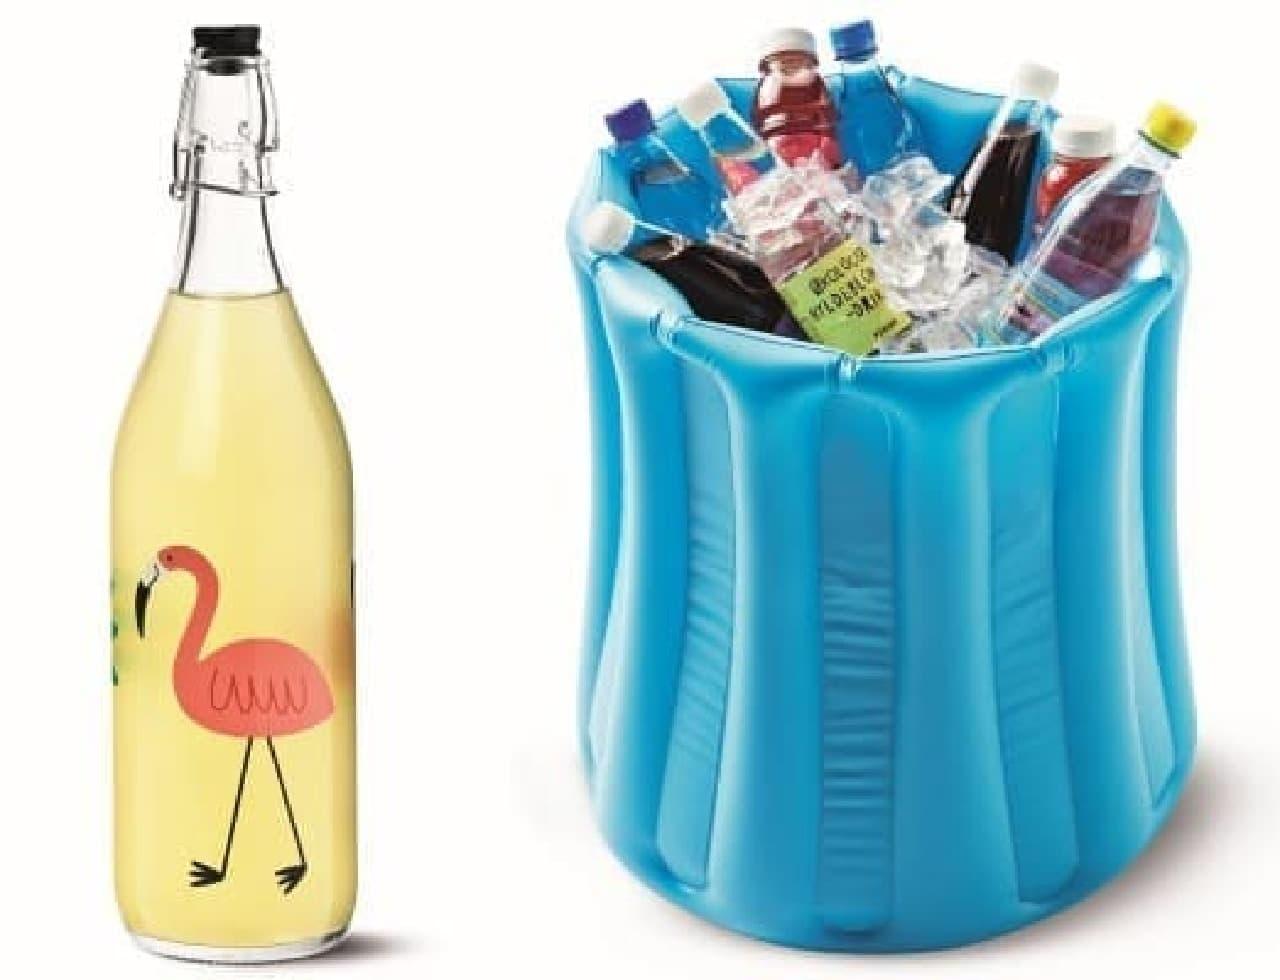 (左)ガラスボトル300円、(右)クーラーボックス800円